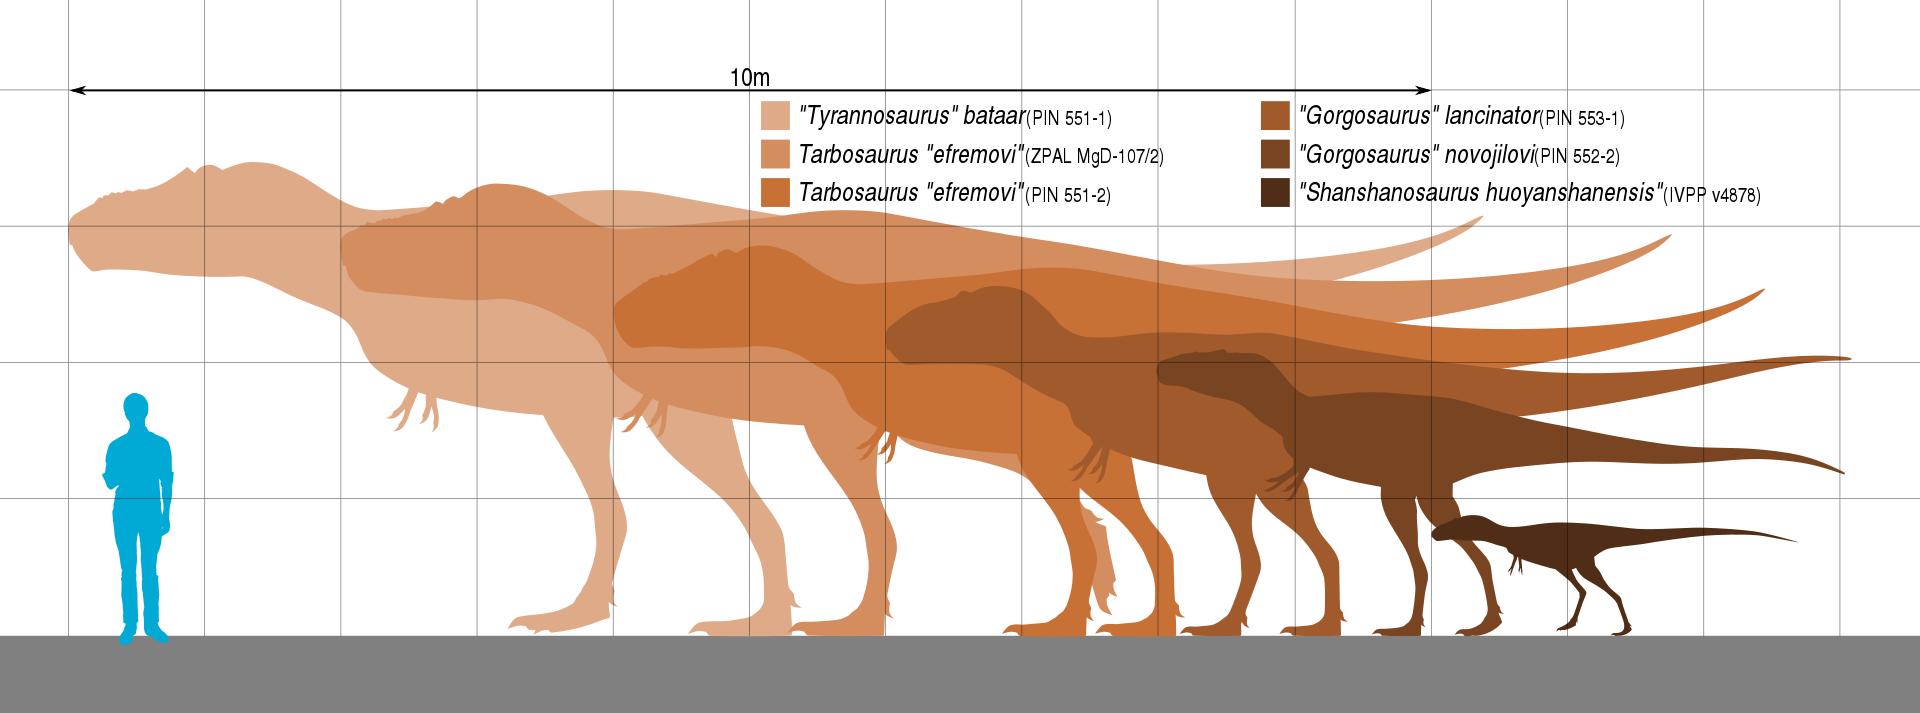 Velikostní porovnání dospělého člověka a jedinců druhu Tarbosaurus bataar v různých ontogenetických stadiích. Nejmenší známé exempláře dosahují délky kolem dvou metrů a hmotnosti několika desítek kilogramů, plně dospělí jedinci mohli být dlouzí až 12